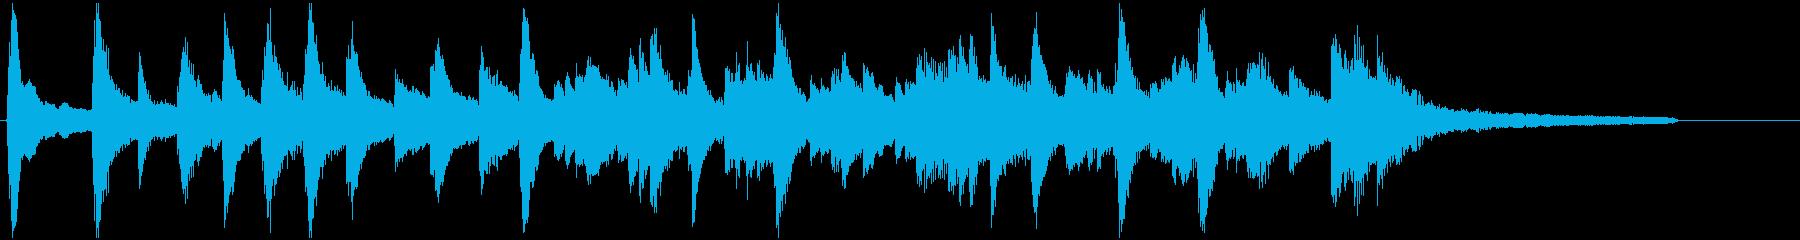 安らぎ、安心、静かなピアノ40秒残響なしの再生済みの波形